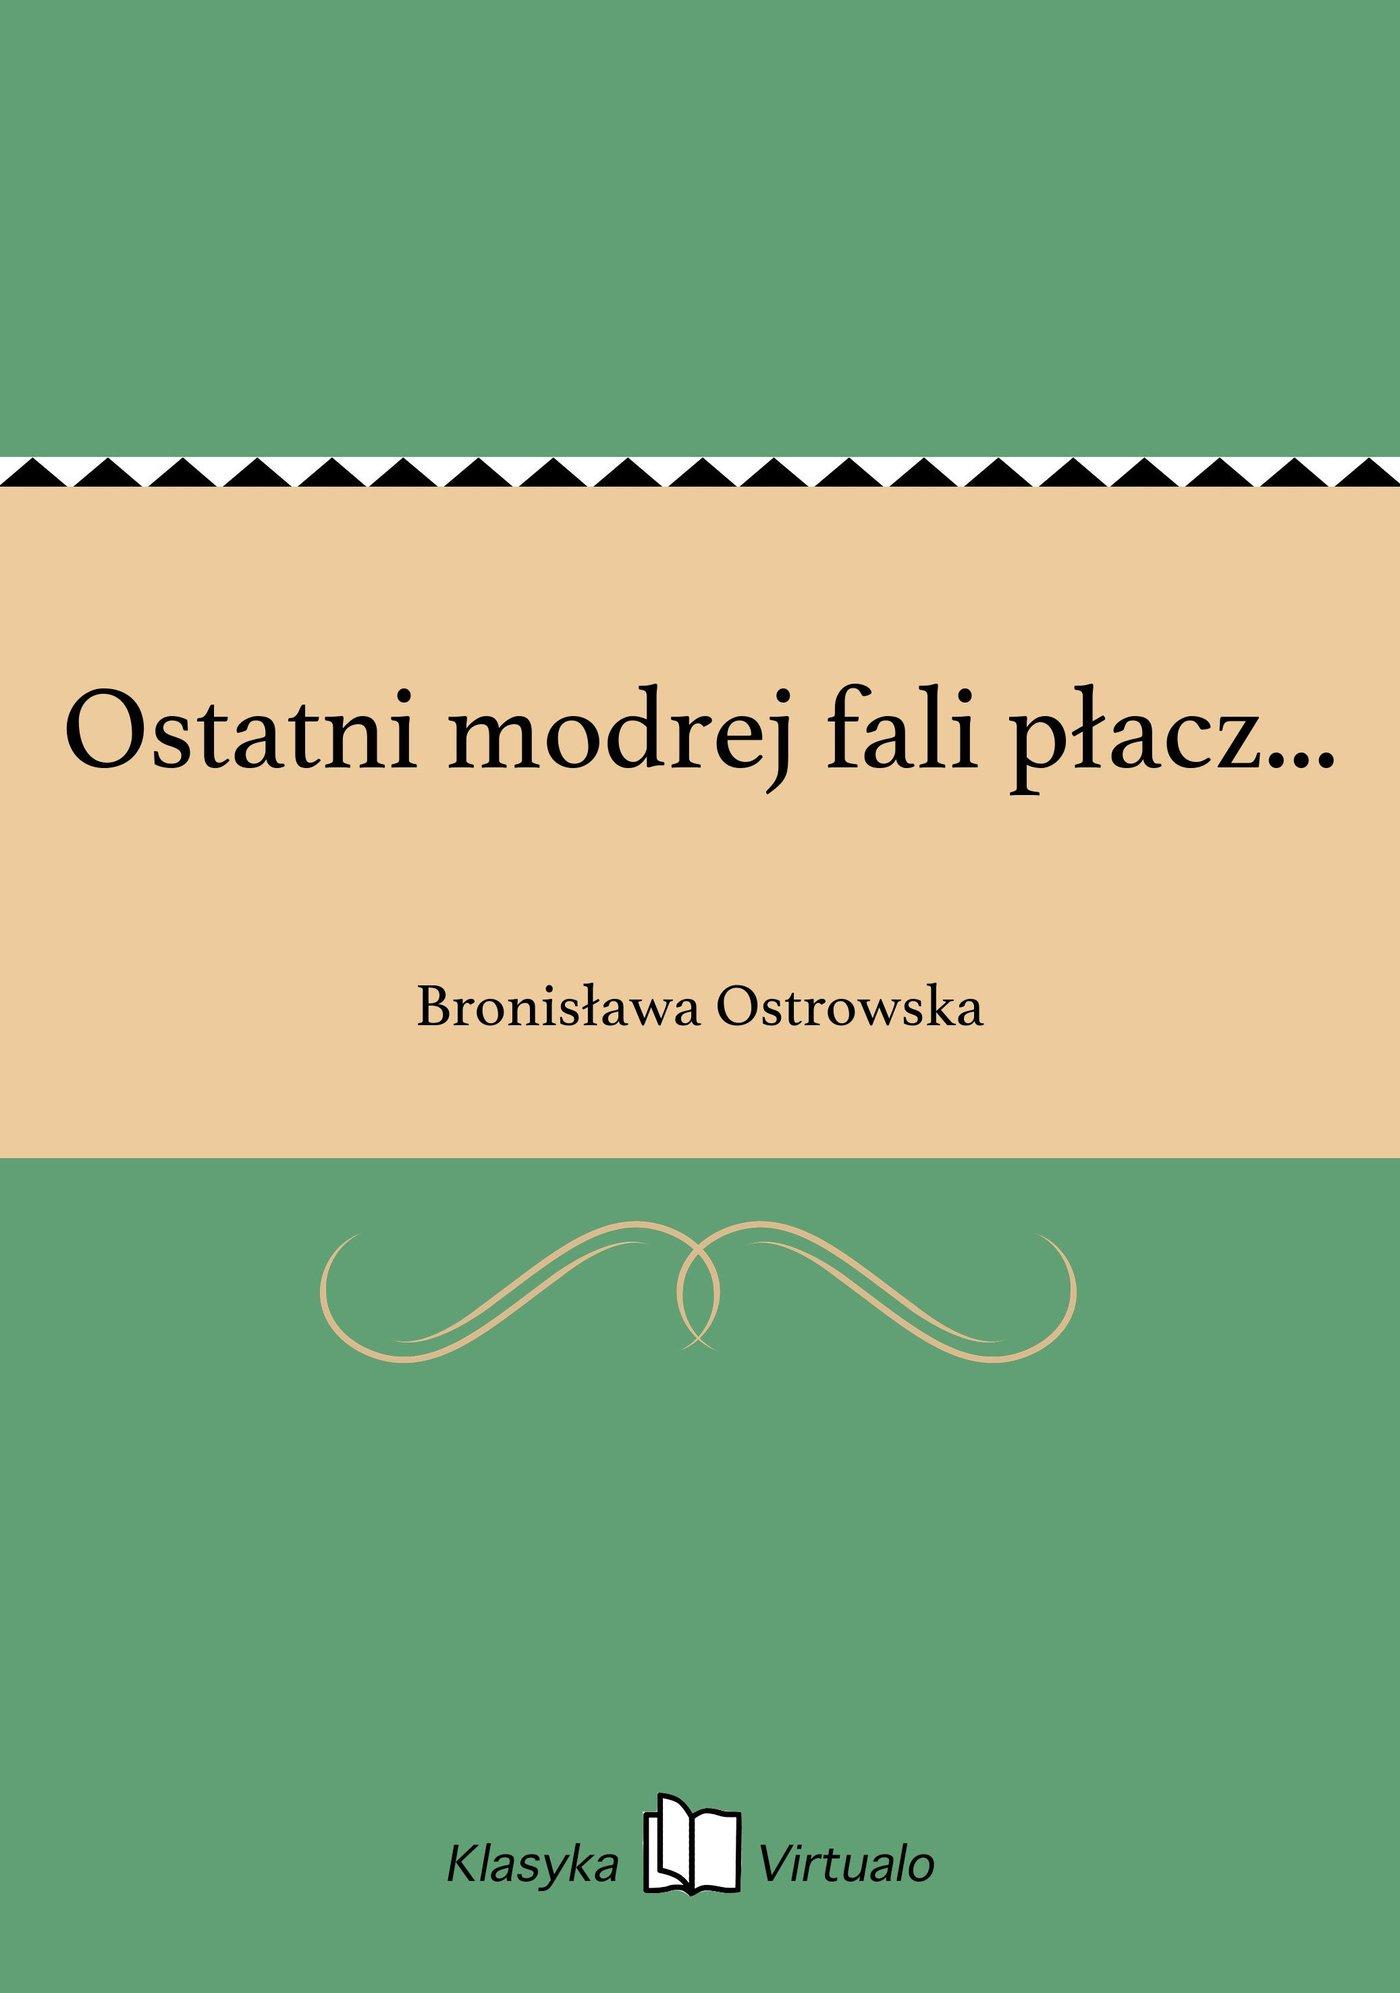 Ostatni modrej fali płacz... - Ebook (Książka na Kindle) do pobrania w formacie MOBI